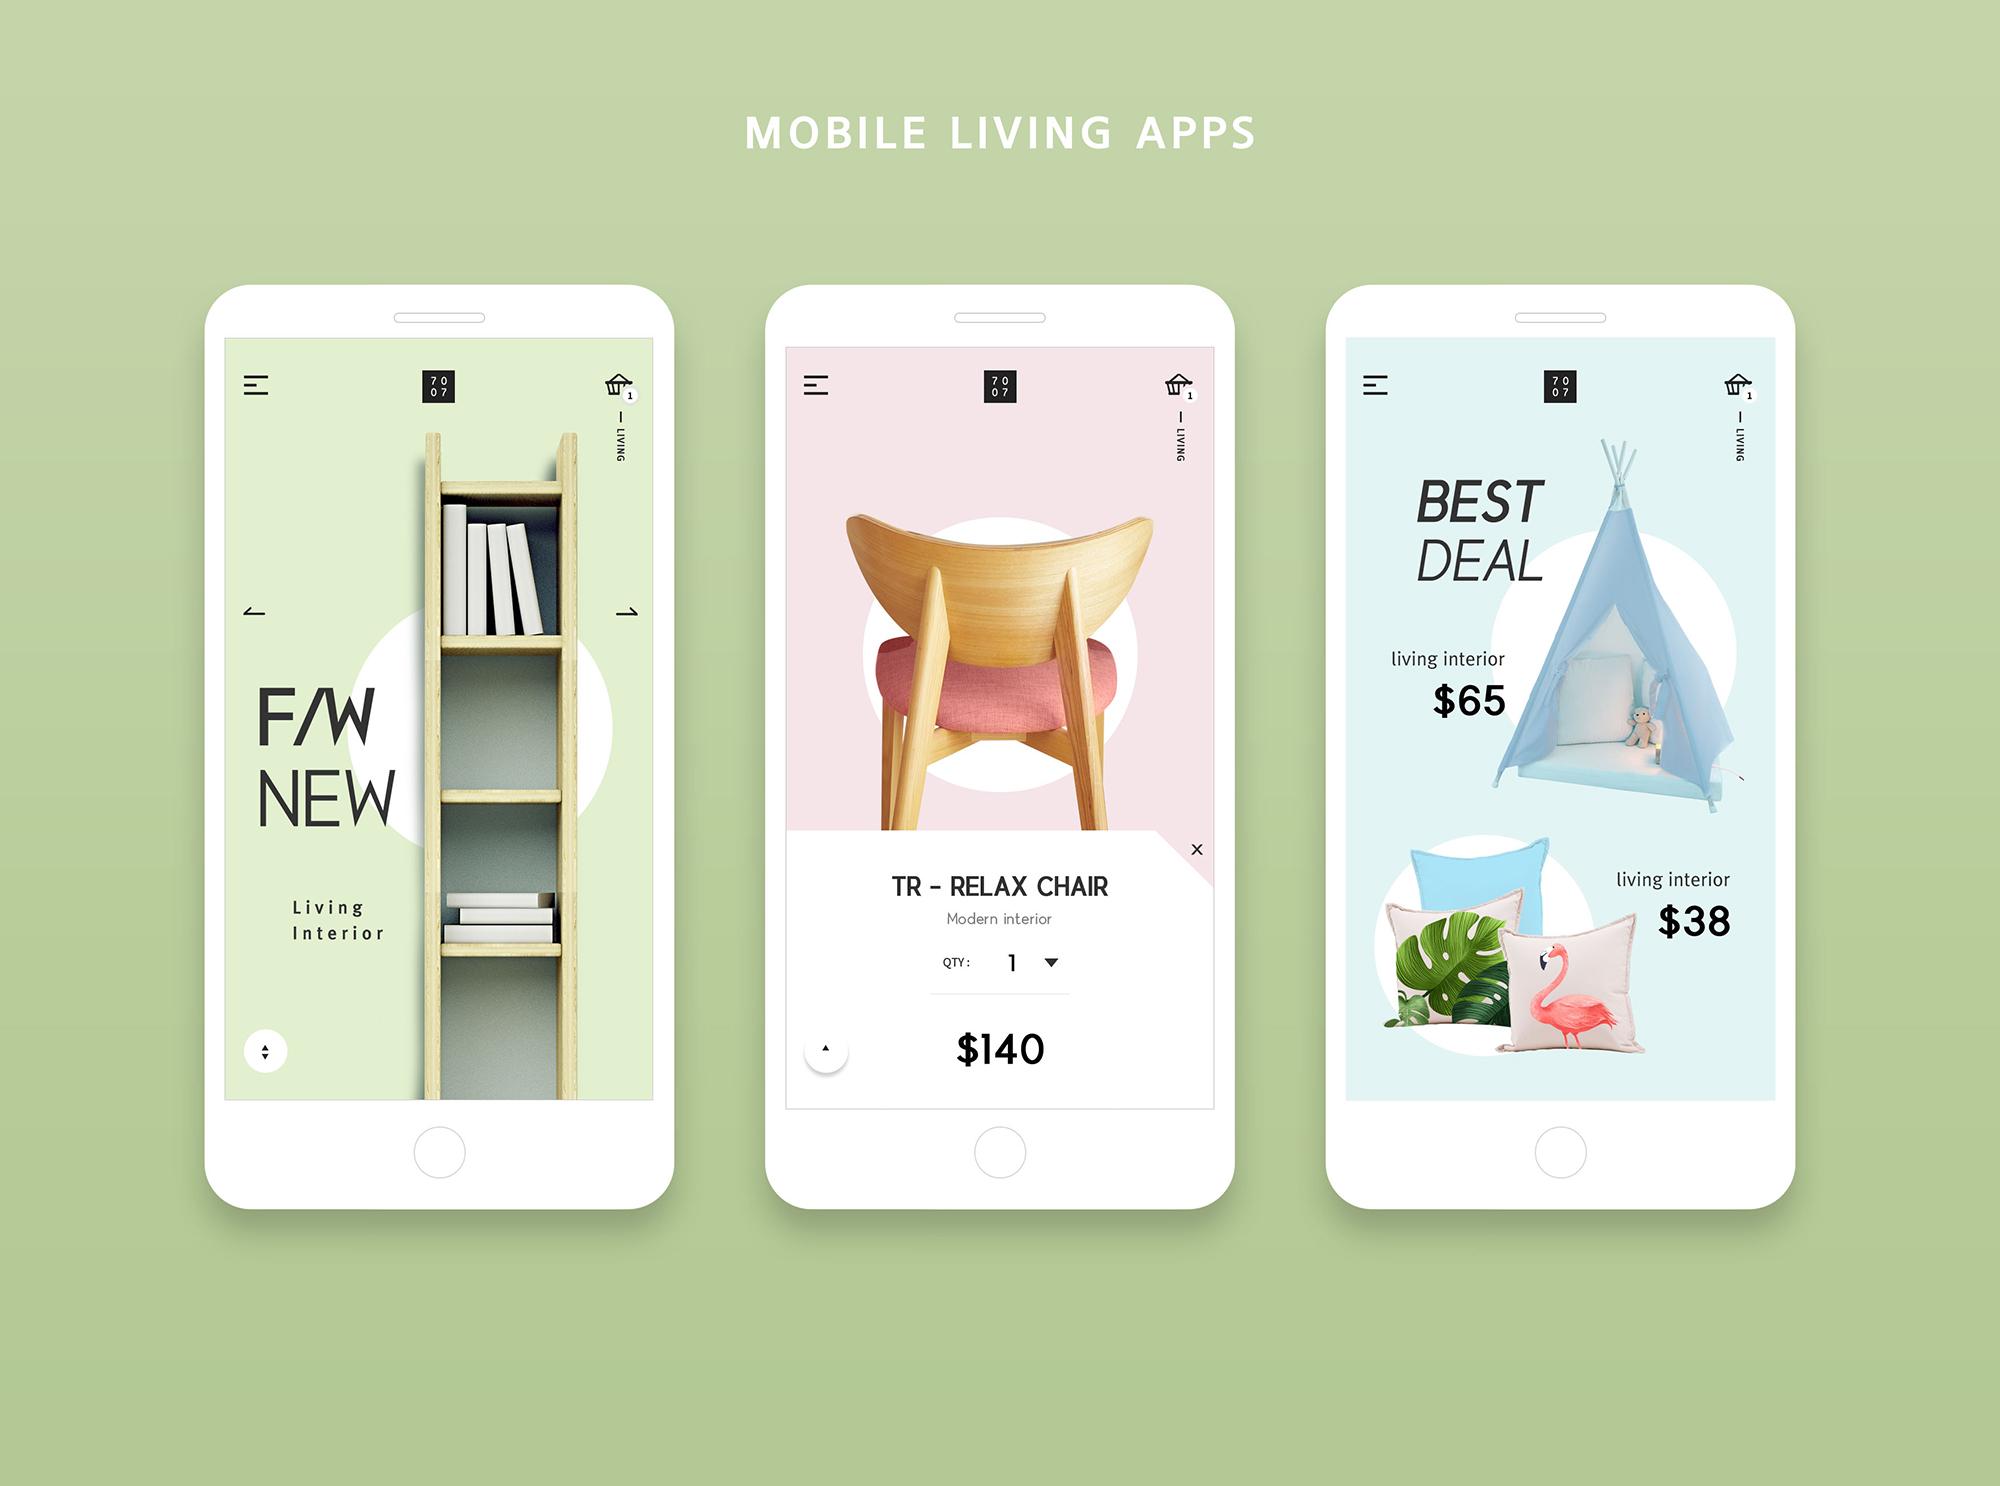 简约风UI Home Mobile living App